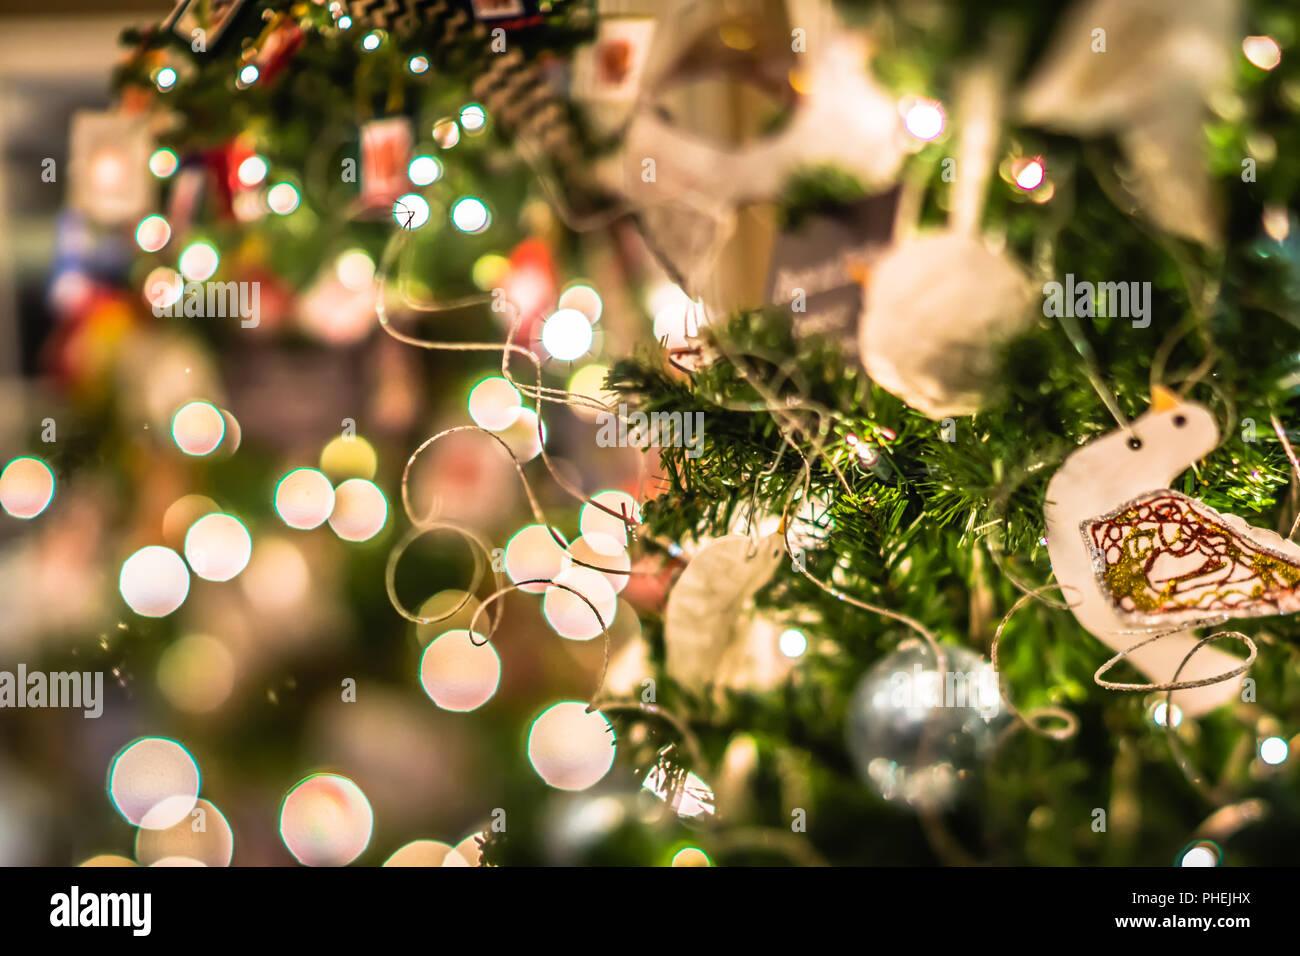 Nice Xmas Tree With Decorations And Lights Stock Photos & Nice Xmas ...